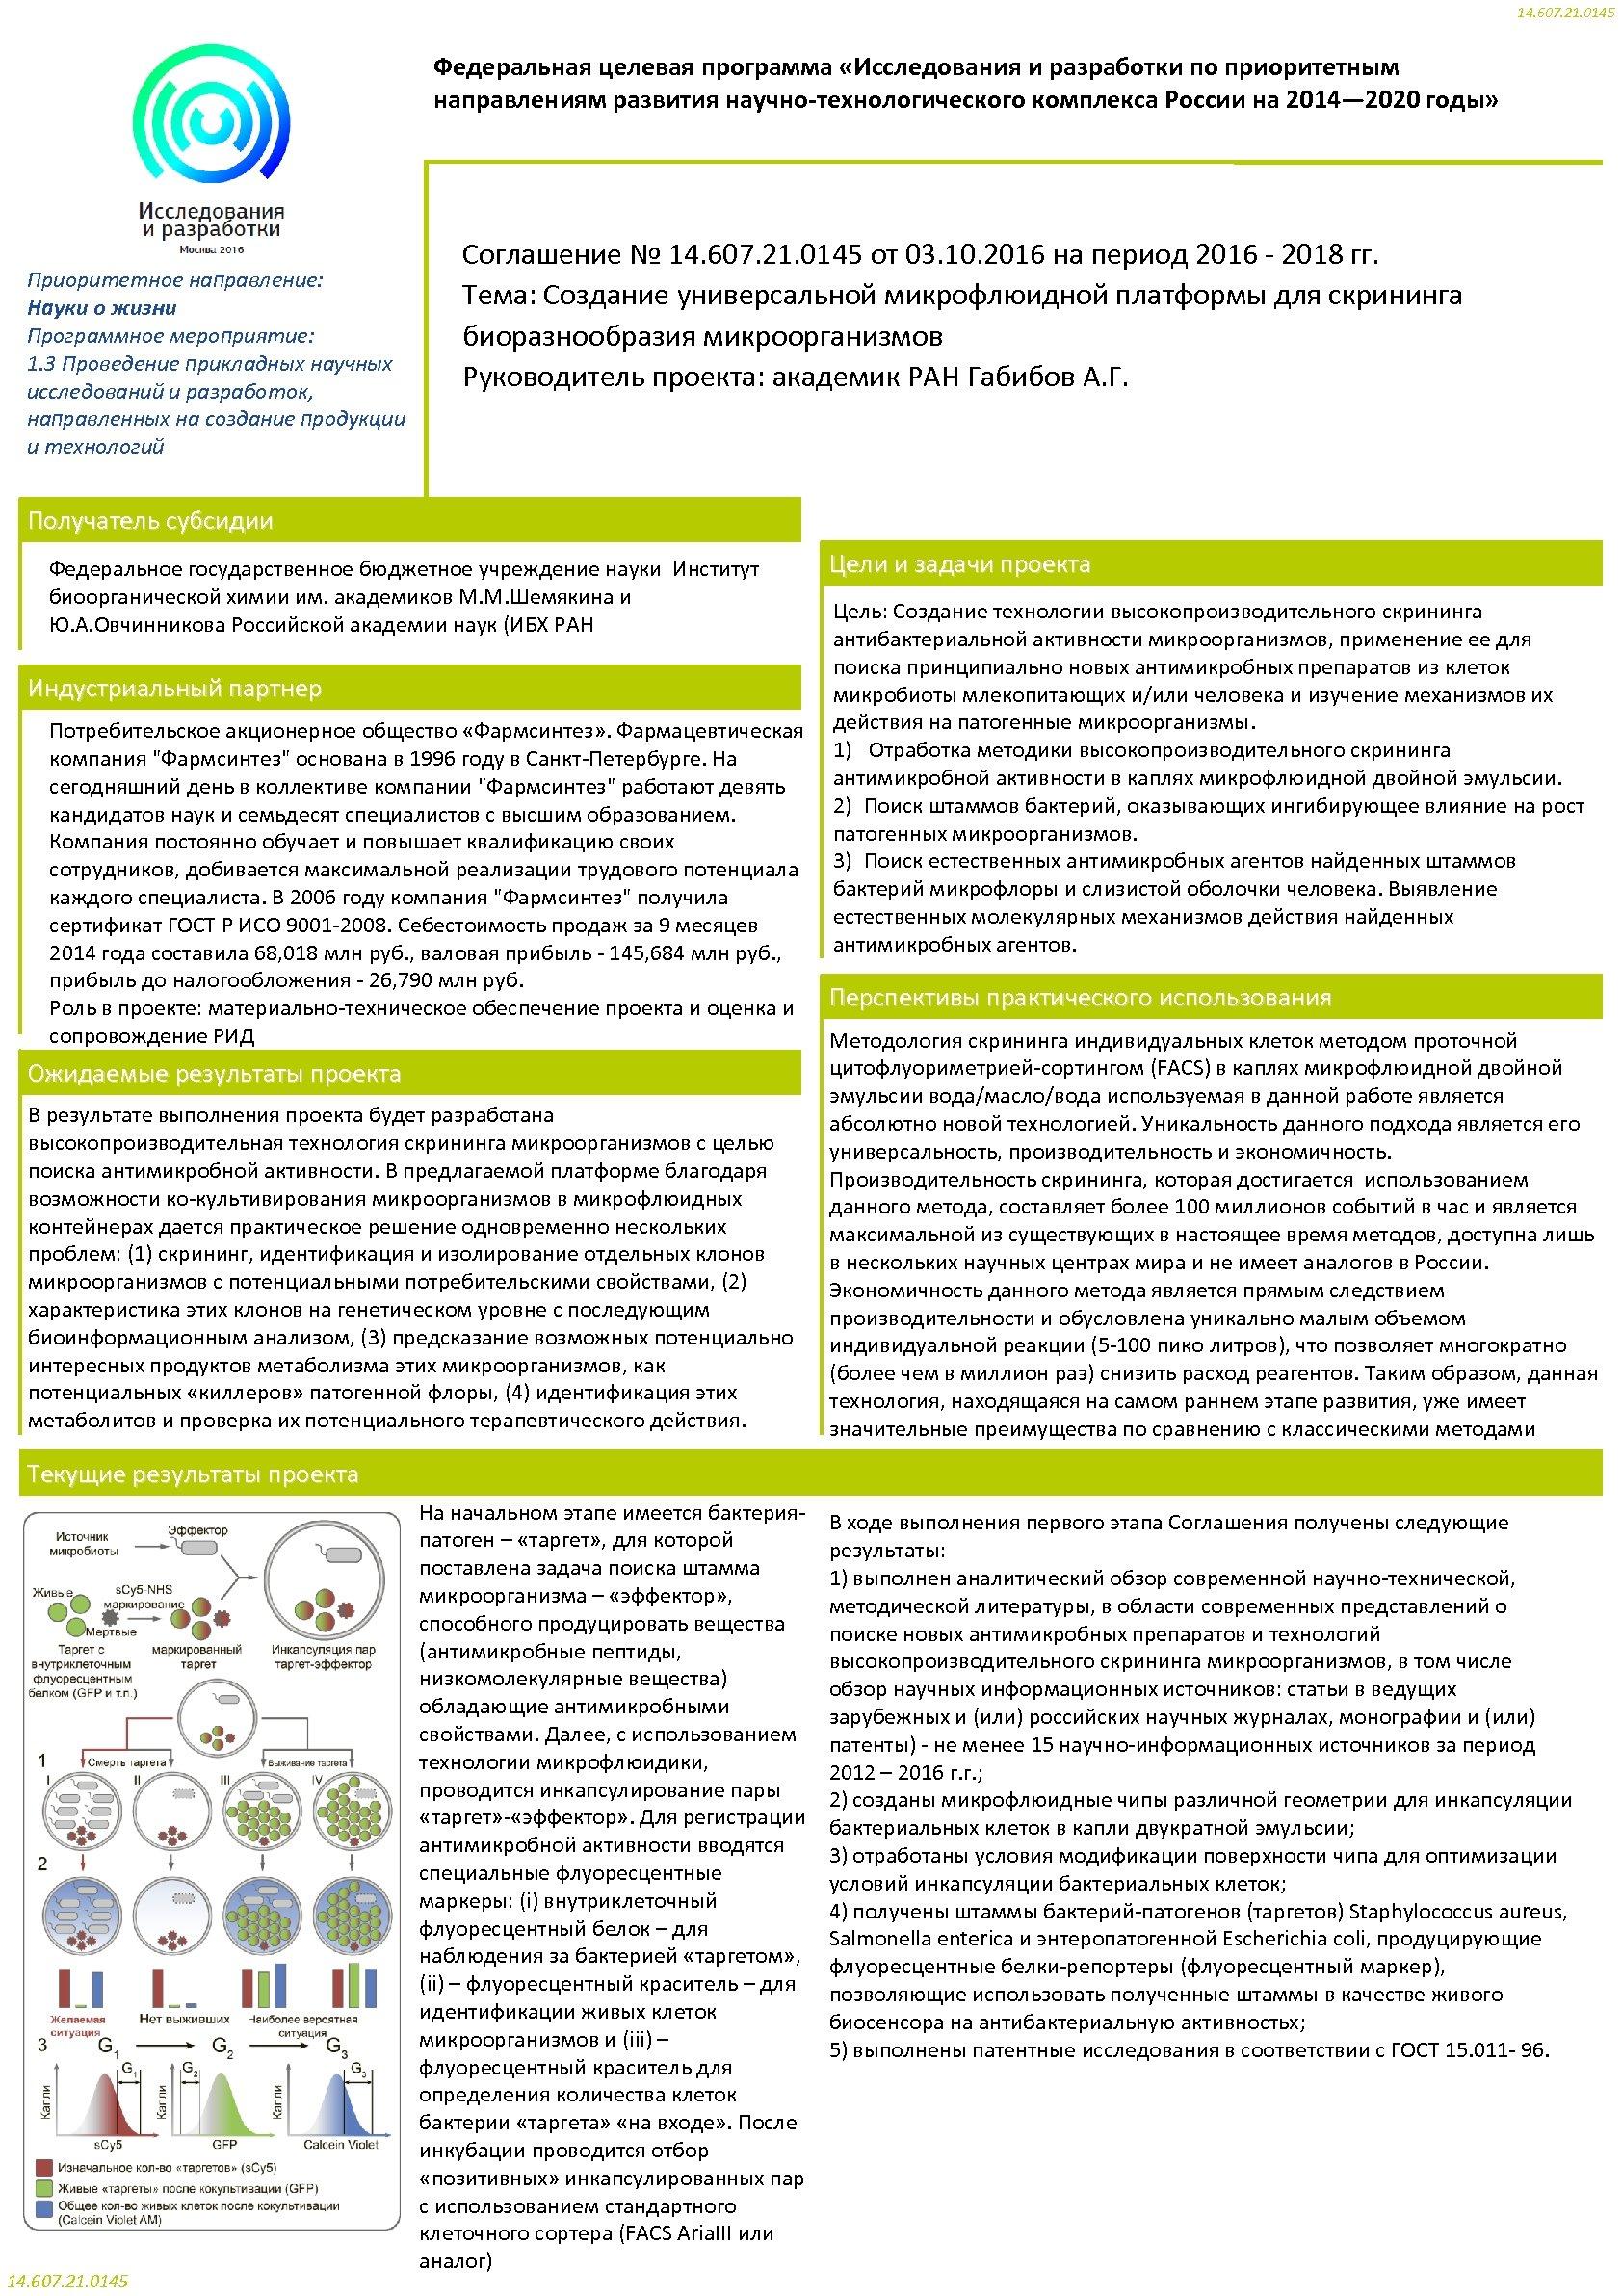 14. 607. 21. 0145 Федеральная целевая программа «Исследования и разработки по приоритетным направлениям развития